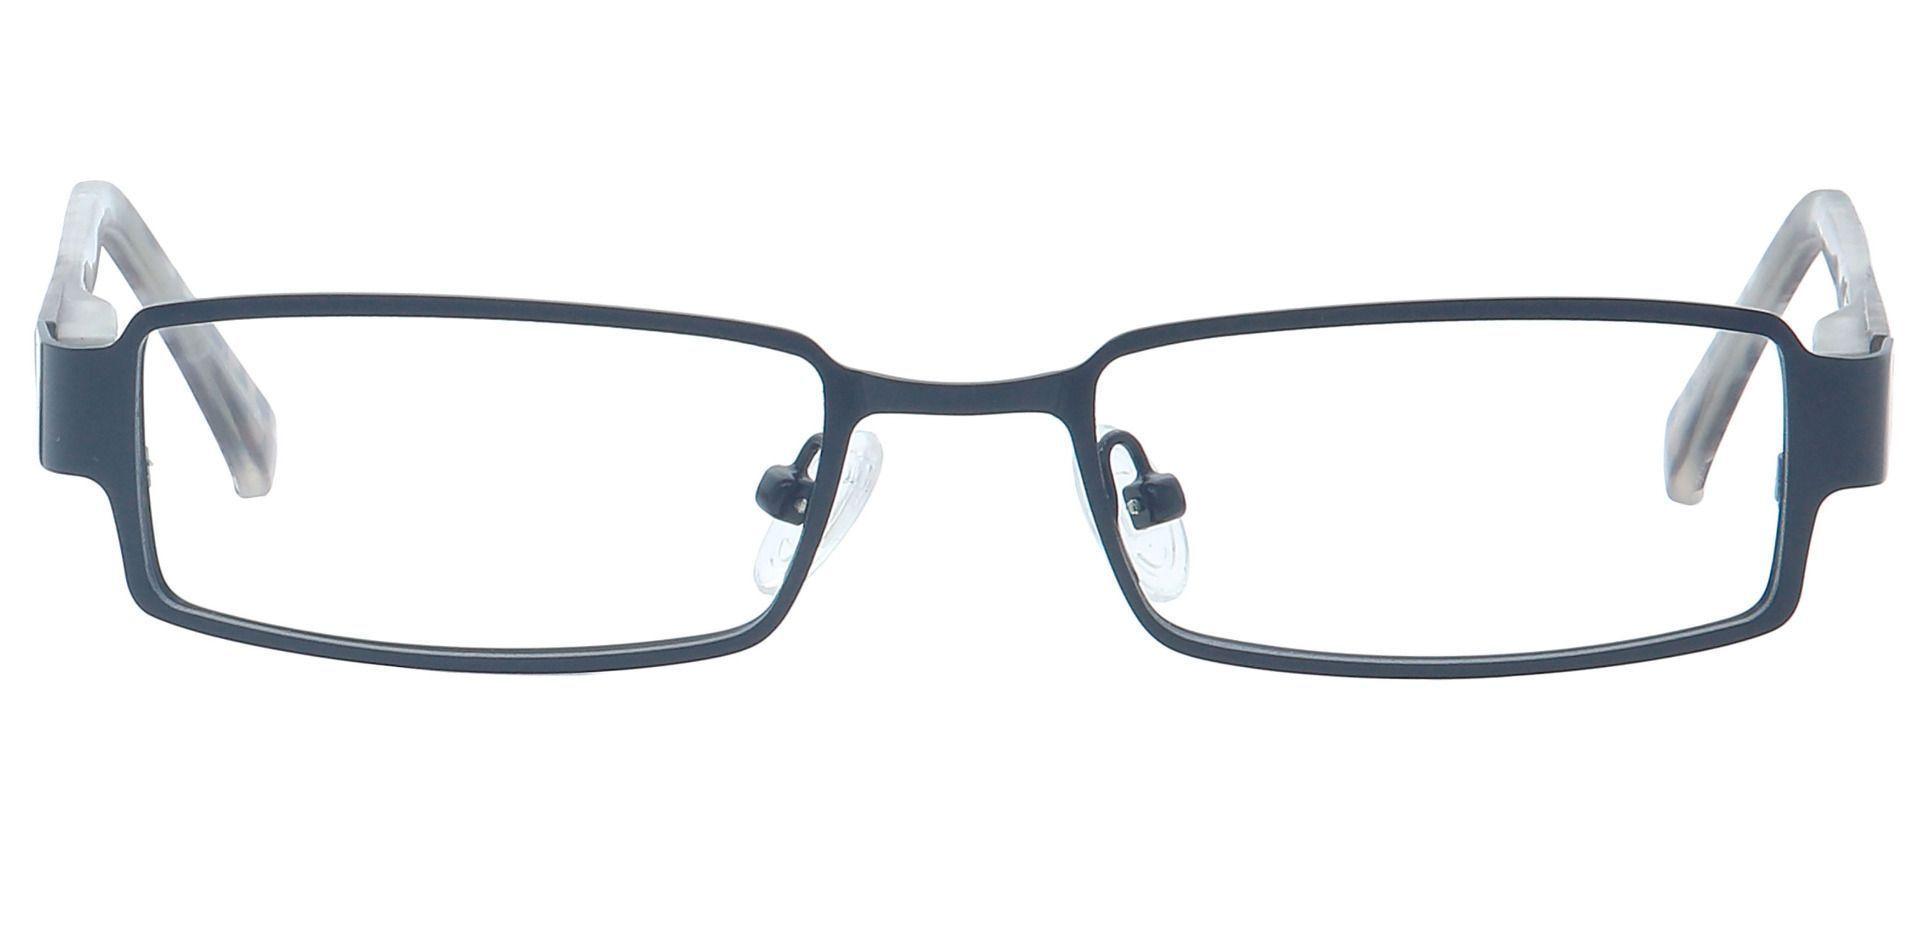 Ramsey Rectangle Non-Rx Glasses - Black